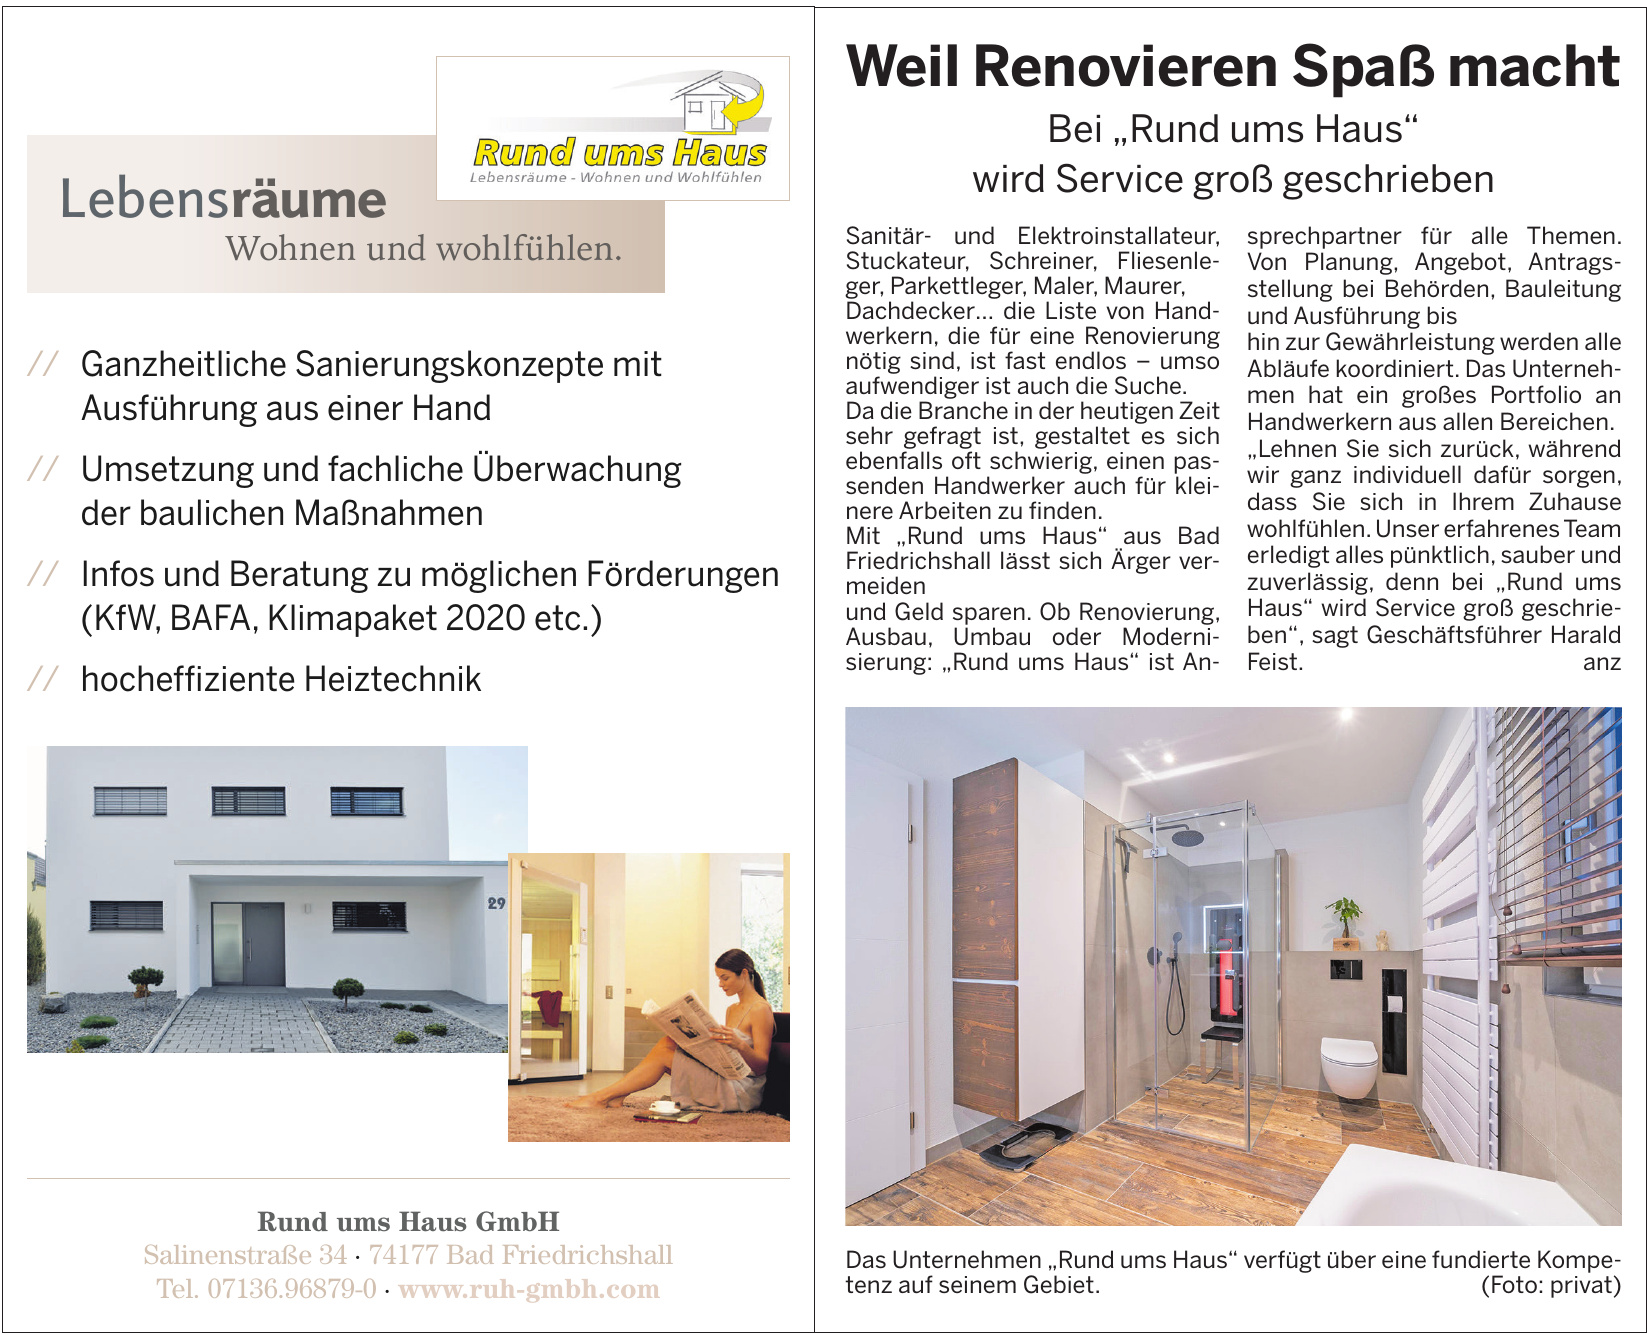 Rund ums Haus GmbH